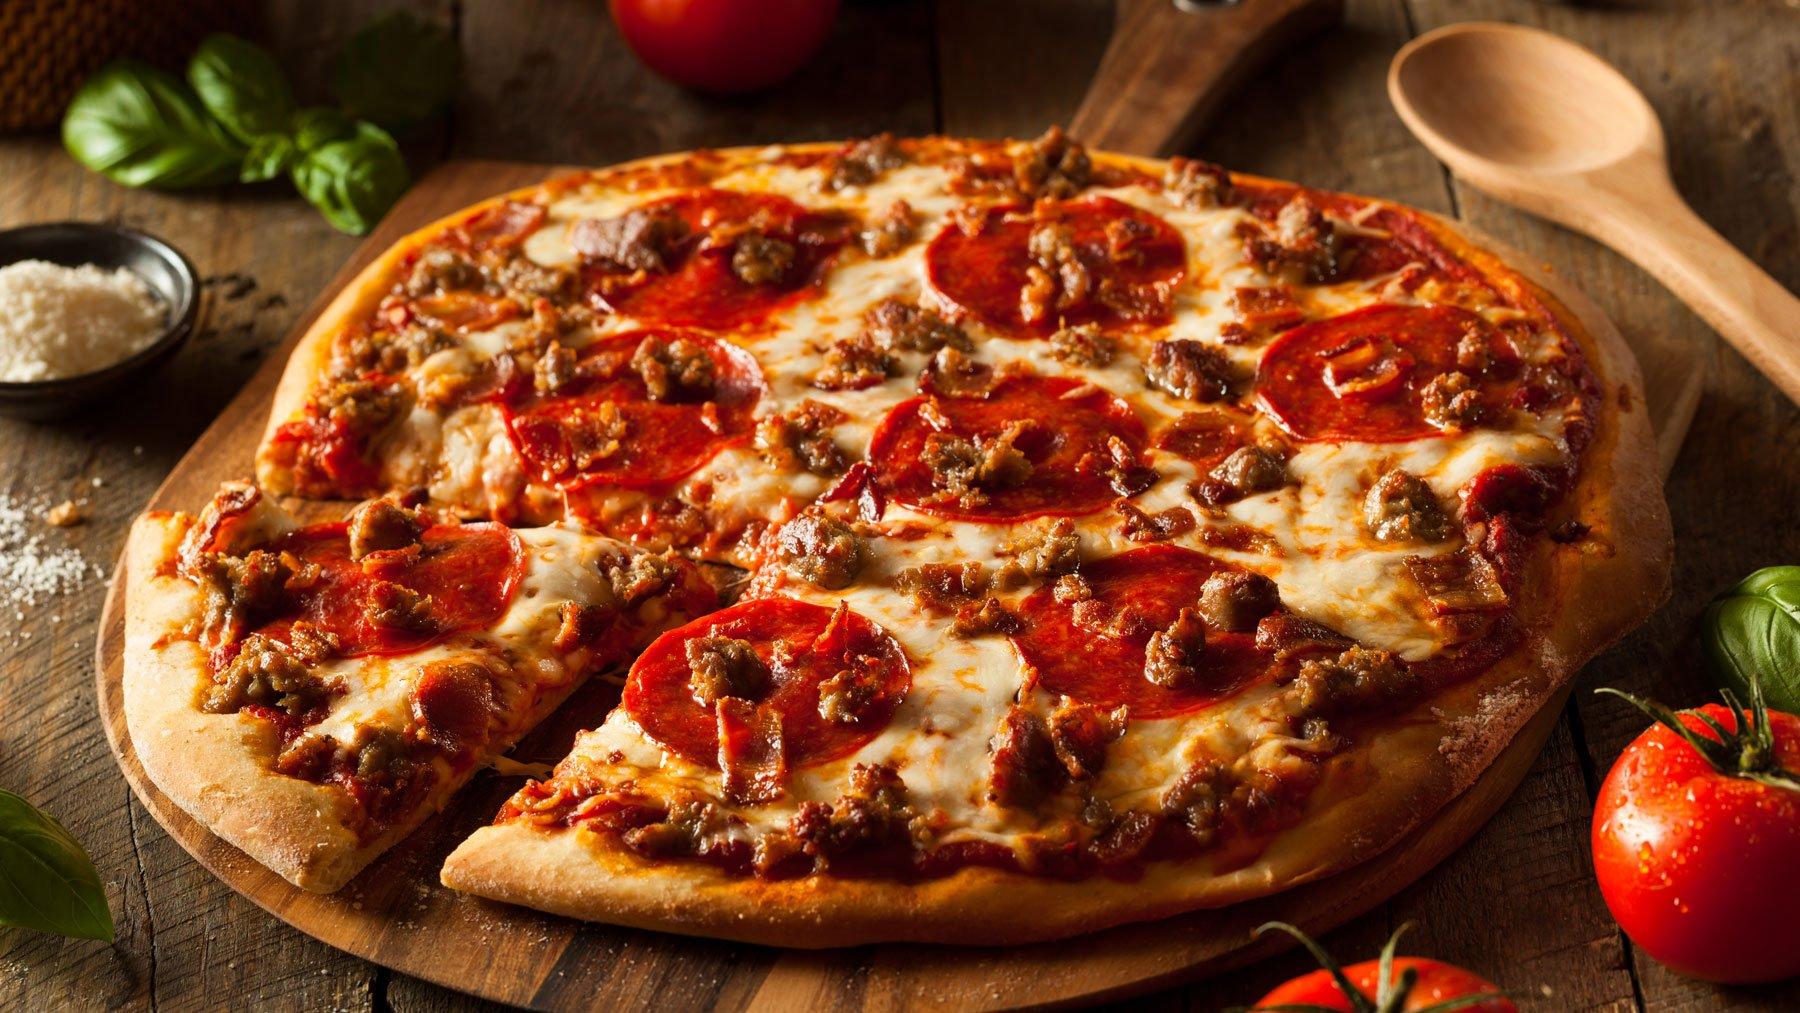 Pizza con Salame piccante, salsiccia e pezzettini di pancetta a Sarzana, SP